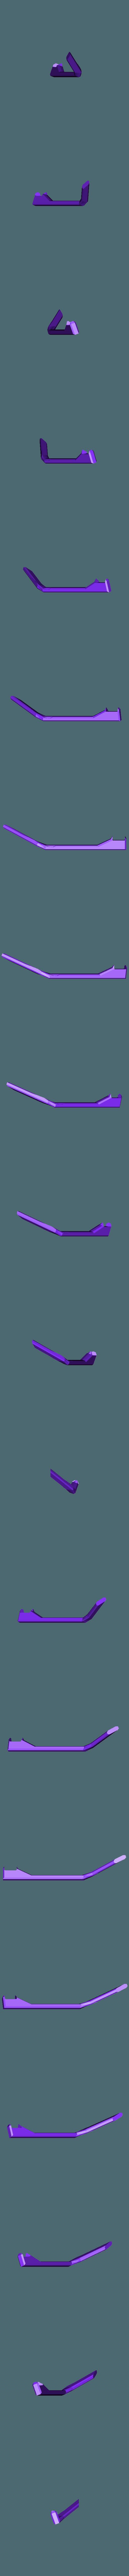 body_2_LED.stl Télécharger fichier STL gratuit Truelle sonique (LED) • Design à imprimer en 3D, poblocki1982